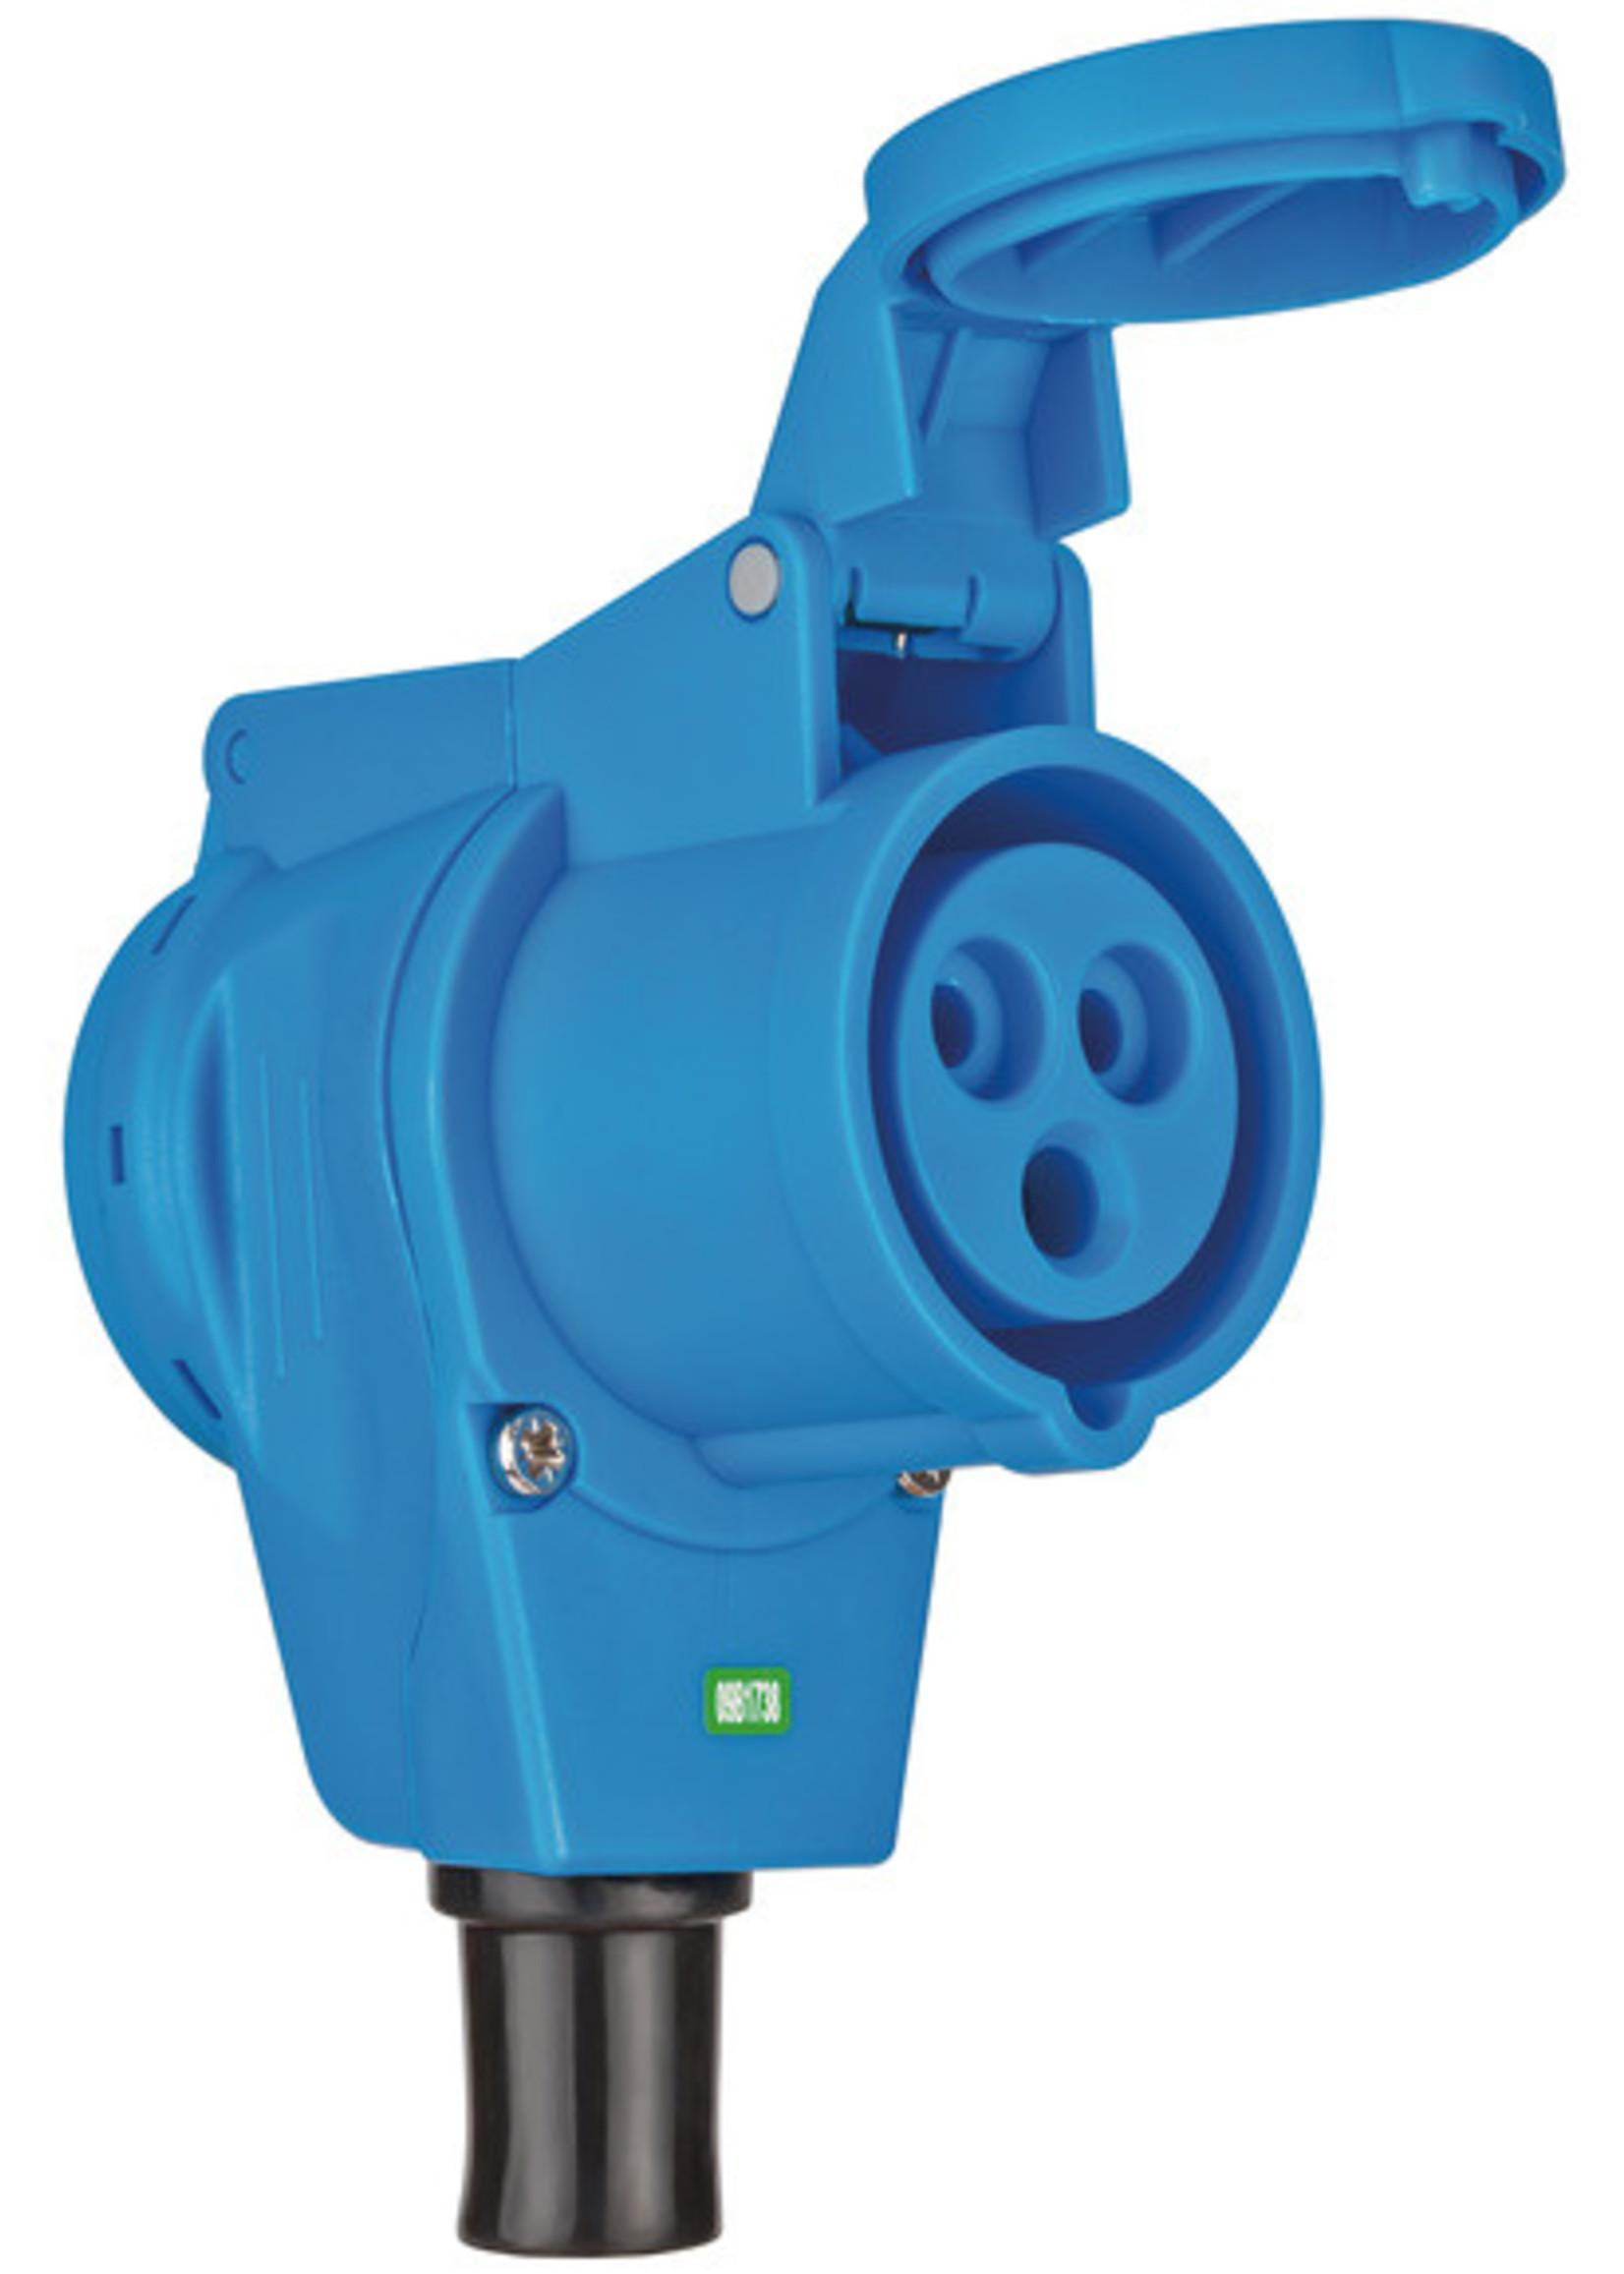 Brennenstuhl Brennenstuhl CEE-haakse koppeling 230V/16A IP44 - 1x 230V/16A. 1x 230V CEE 16A 3-polig